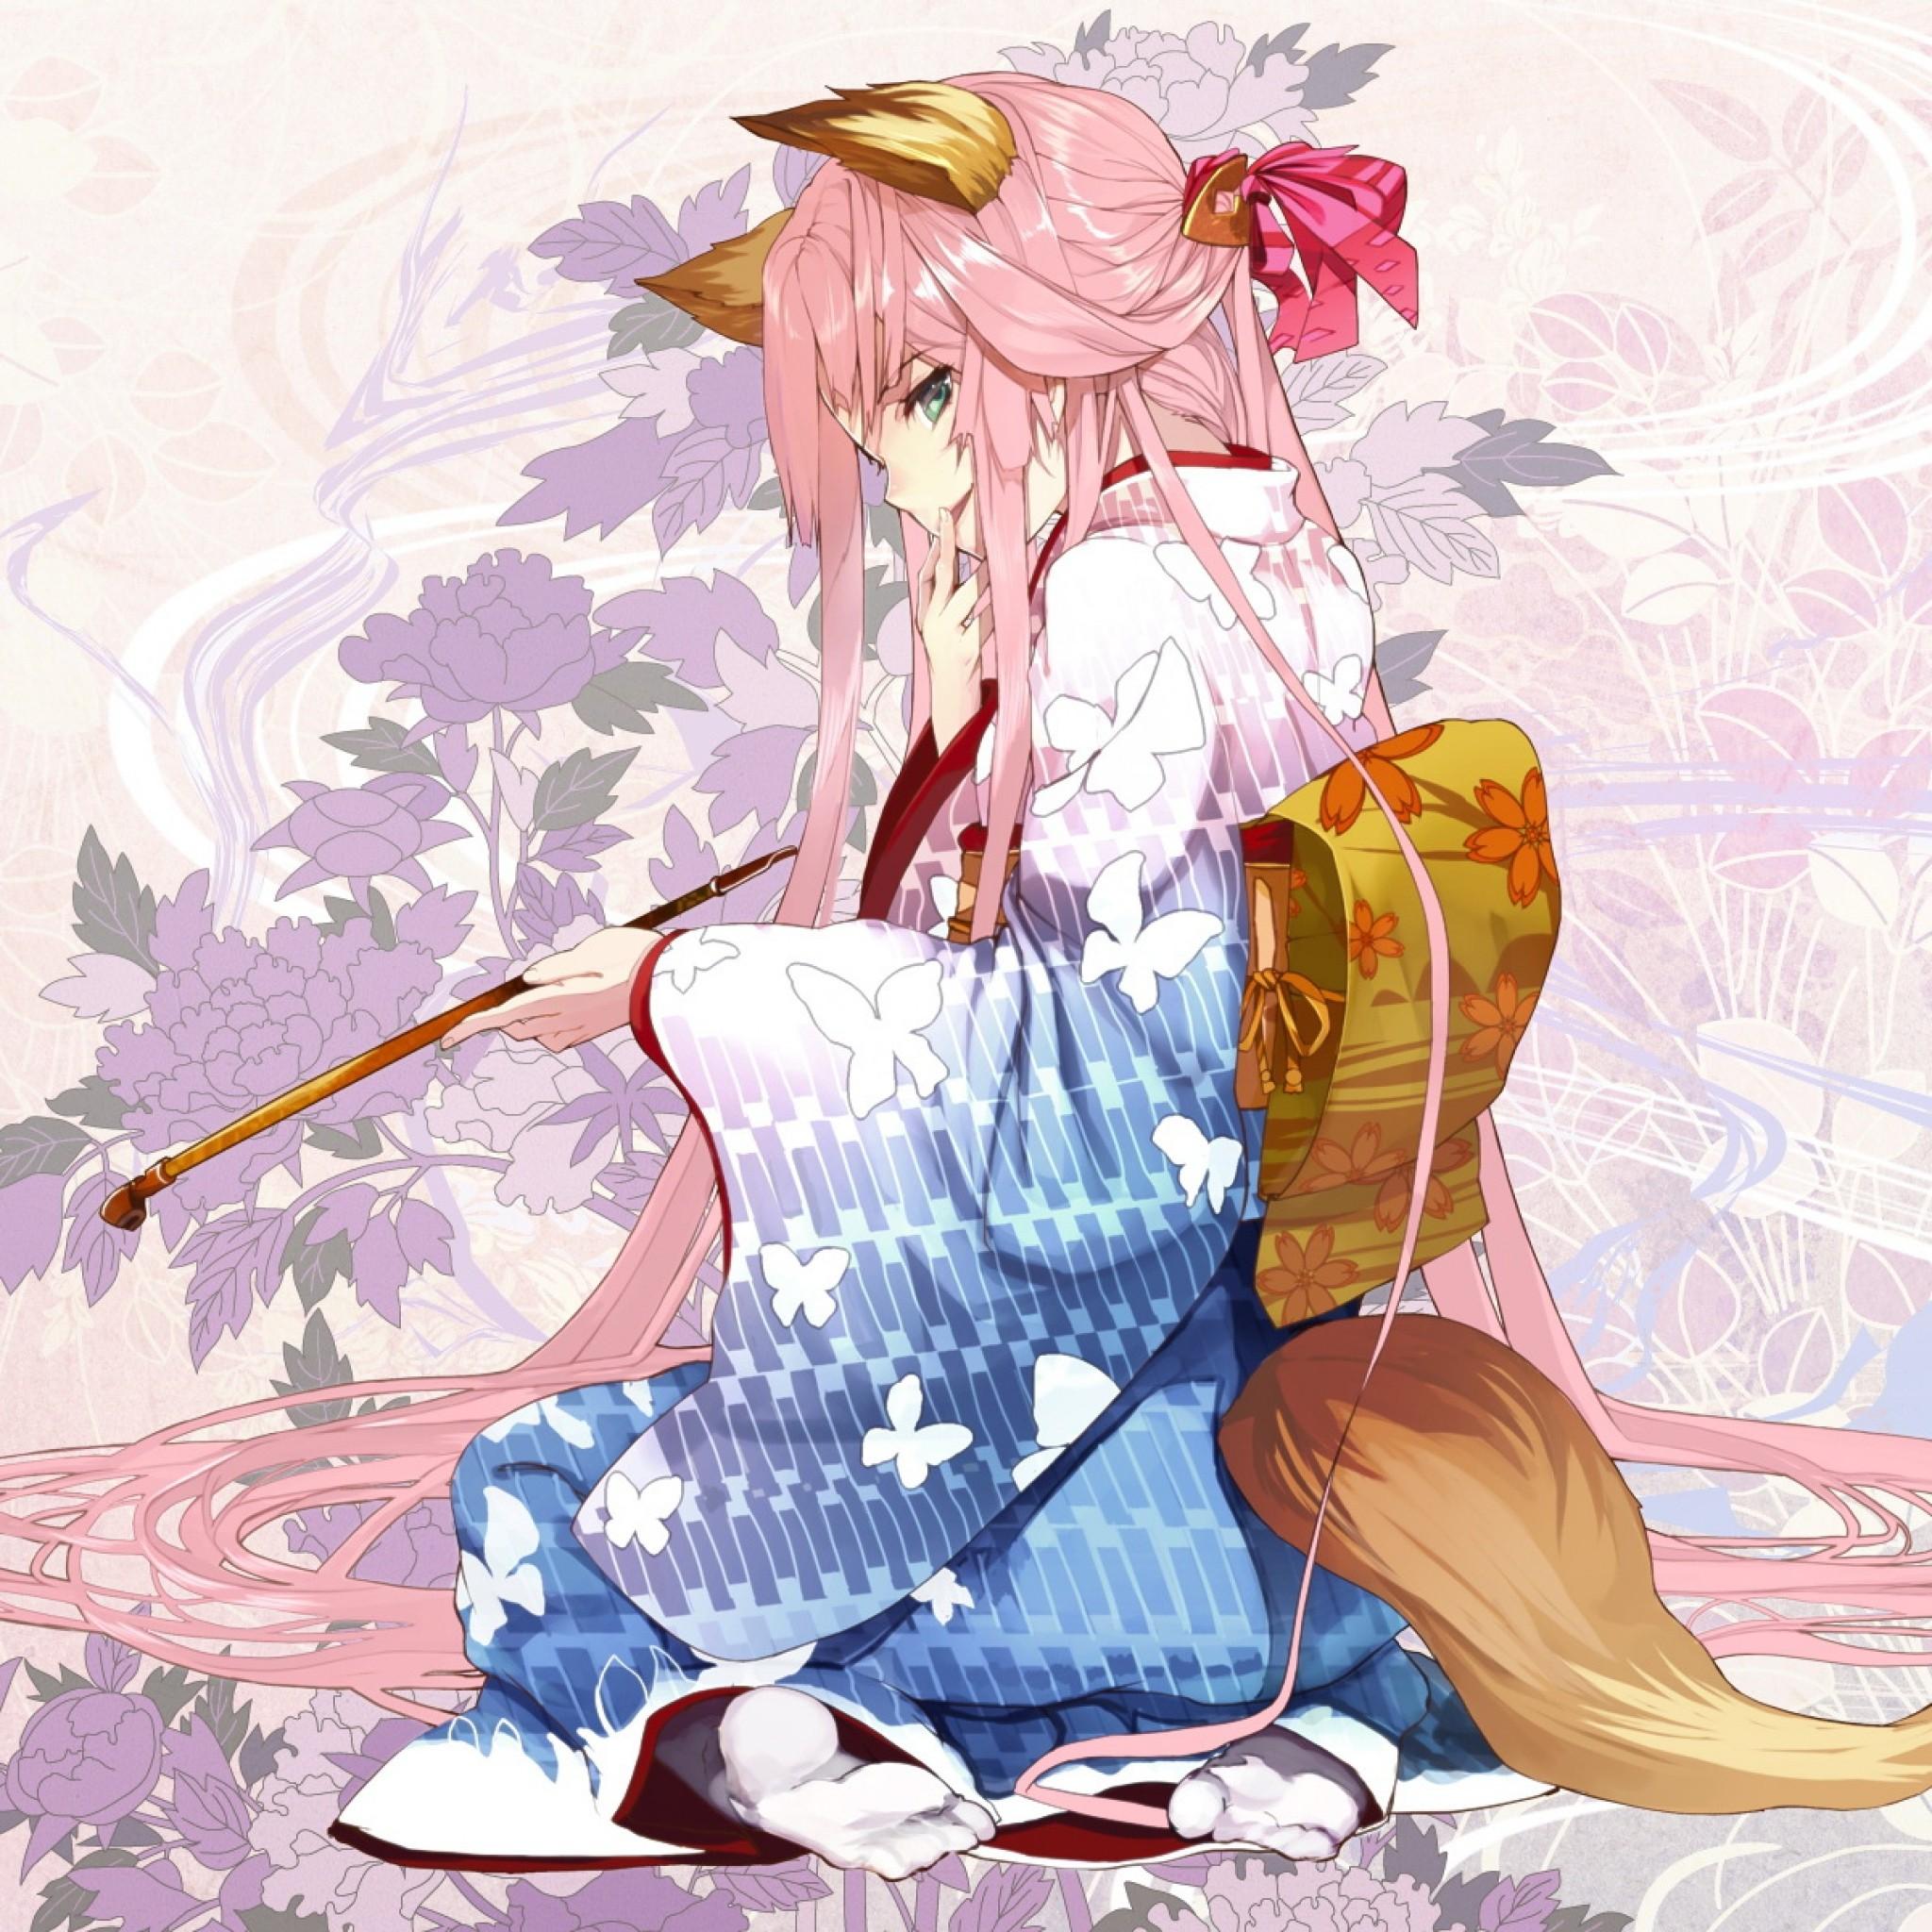 Fox Girl Anime Wallpaper きつねの女の子 アニメのipad壁紙 Ipad タブレット壁紙ギャラリー